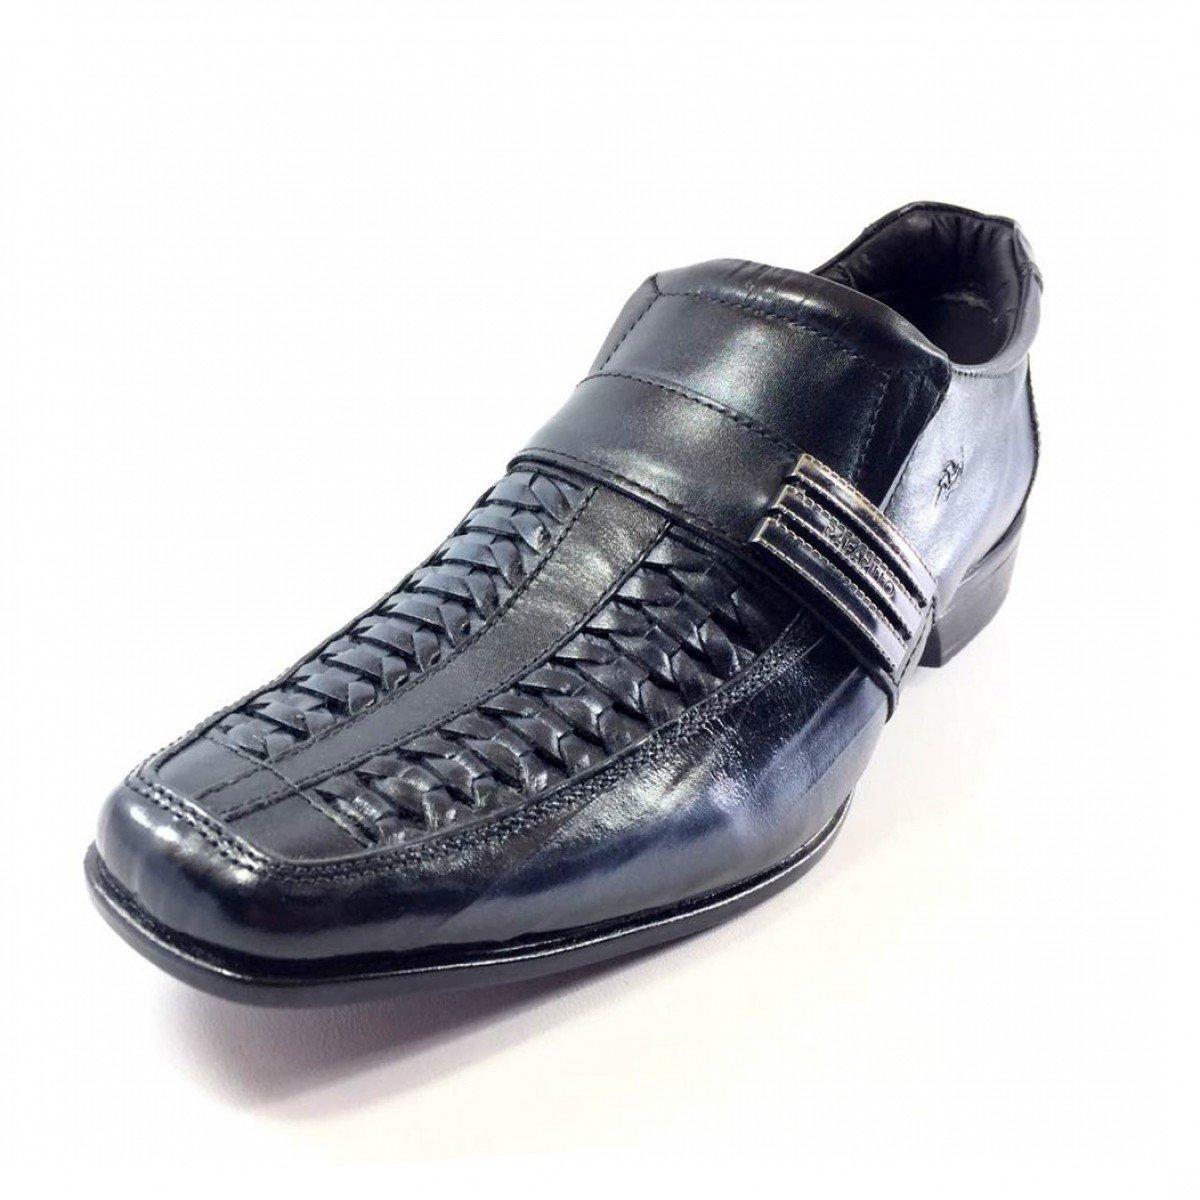 6bba822a9 Sapato Social Rafarillo Conforto Kit 4 em 1 Couro Masculino - Preto ...